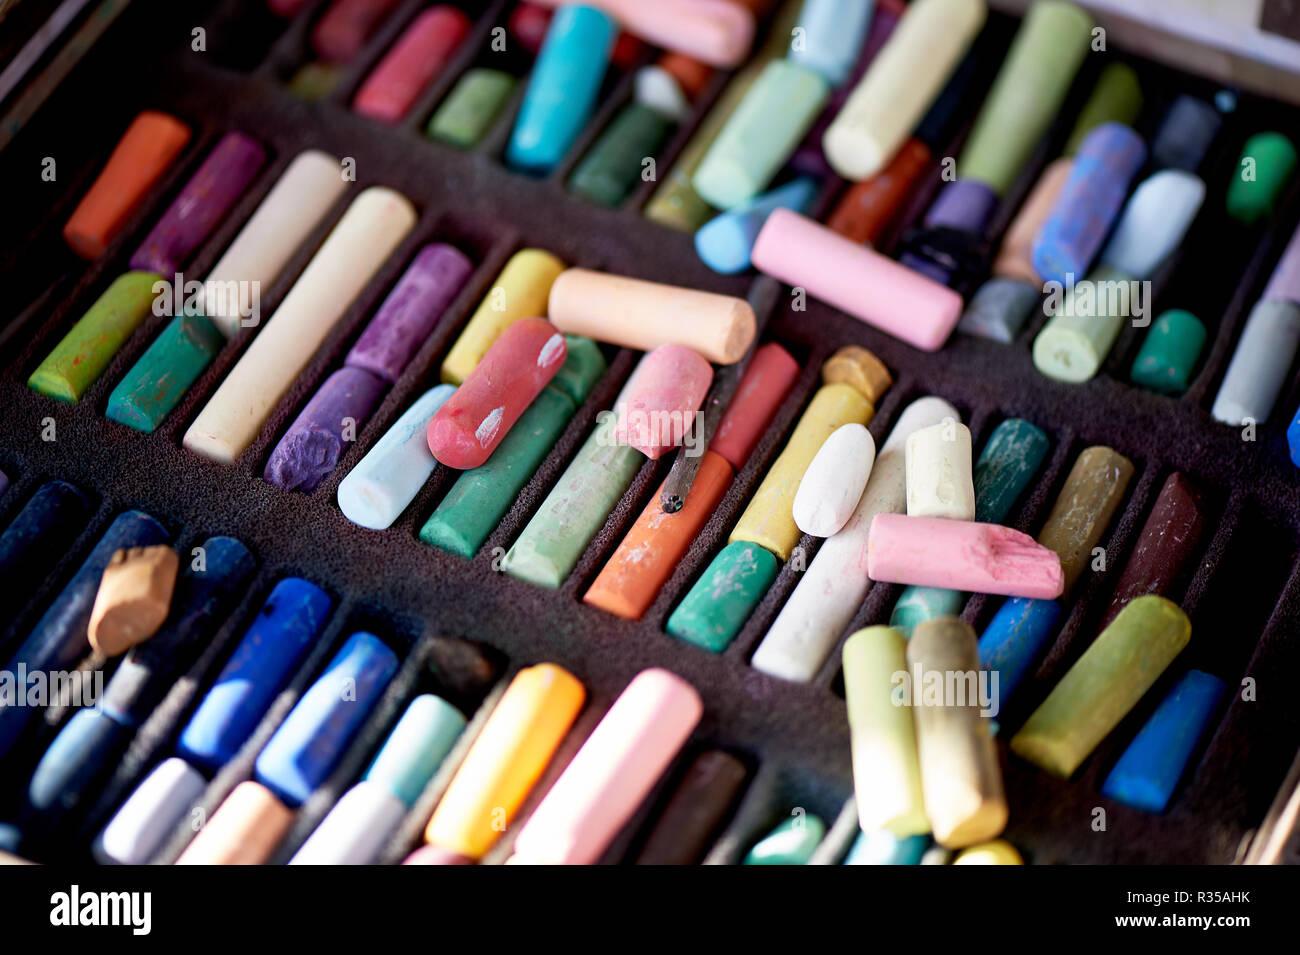 Artist's Studio.Box von Pastellen. Viele verschiedene Zeichenstifte, in die Arbeiten unterteilt. Stockbild